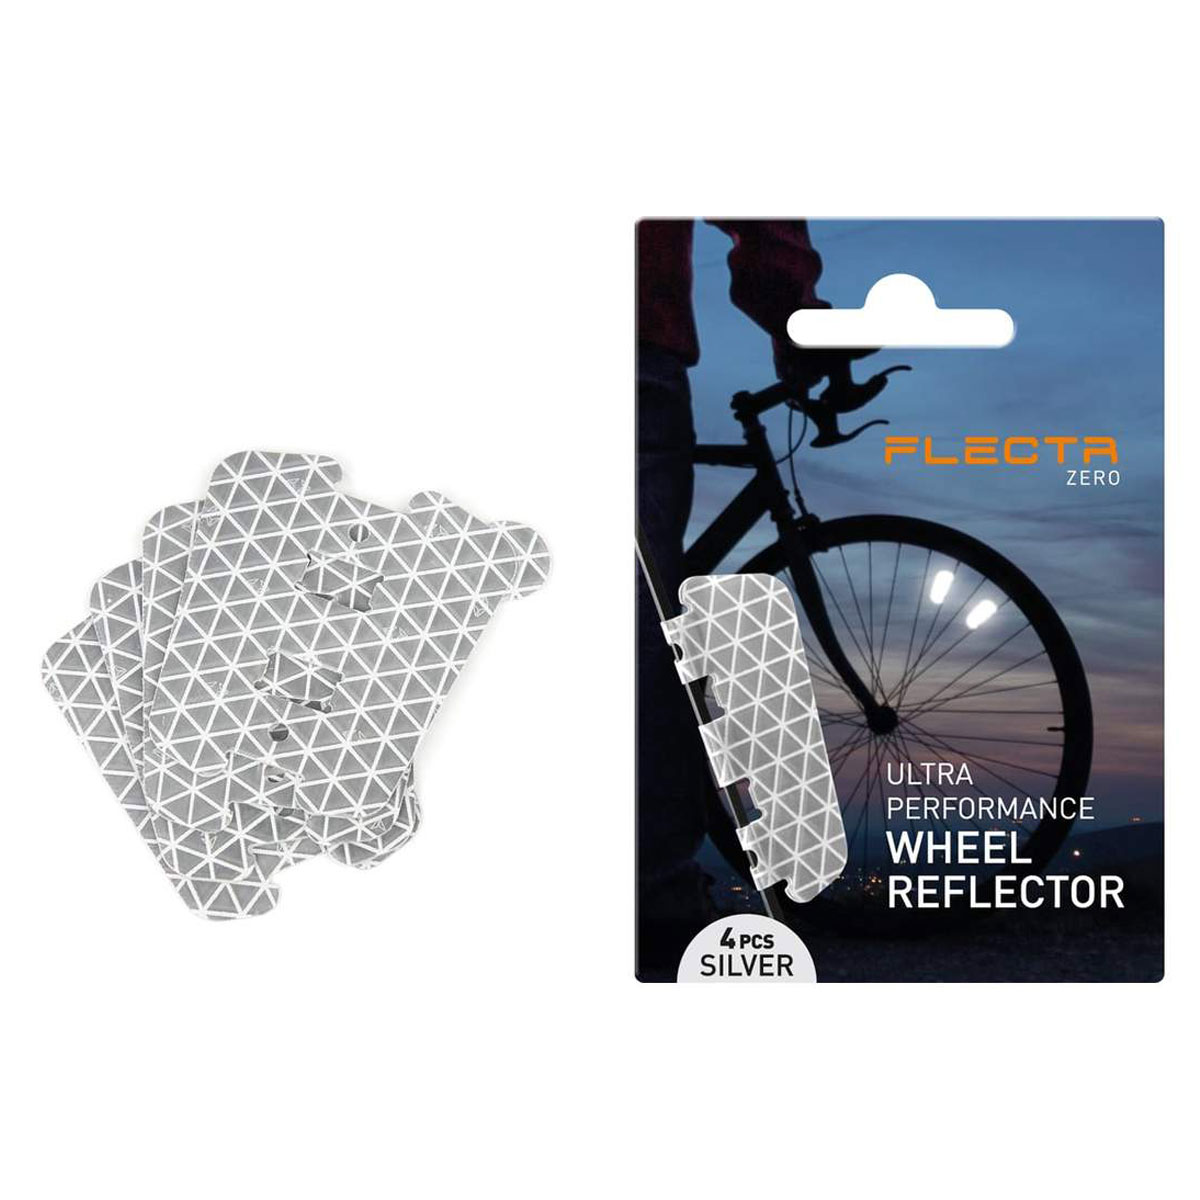 ENSEMBLE DE REFLECTEURS DE RAYON FLECTR ZERO